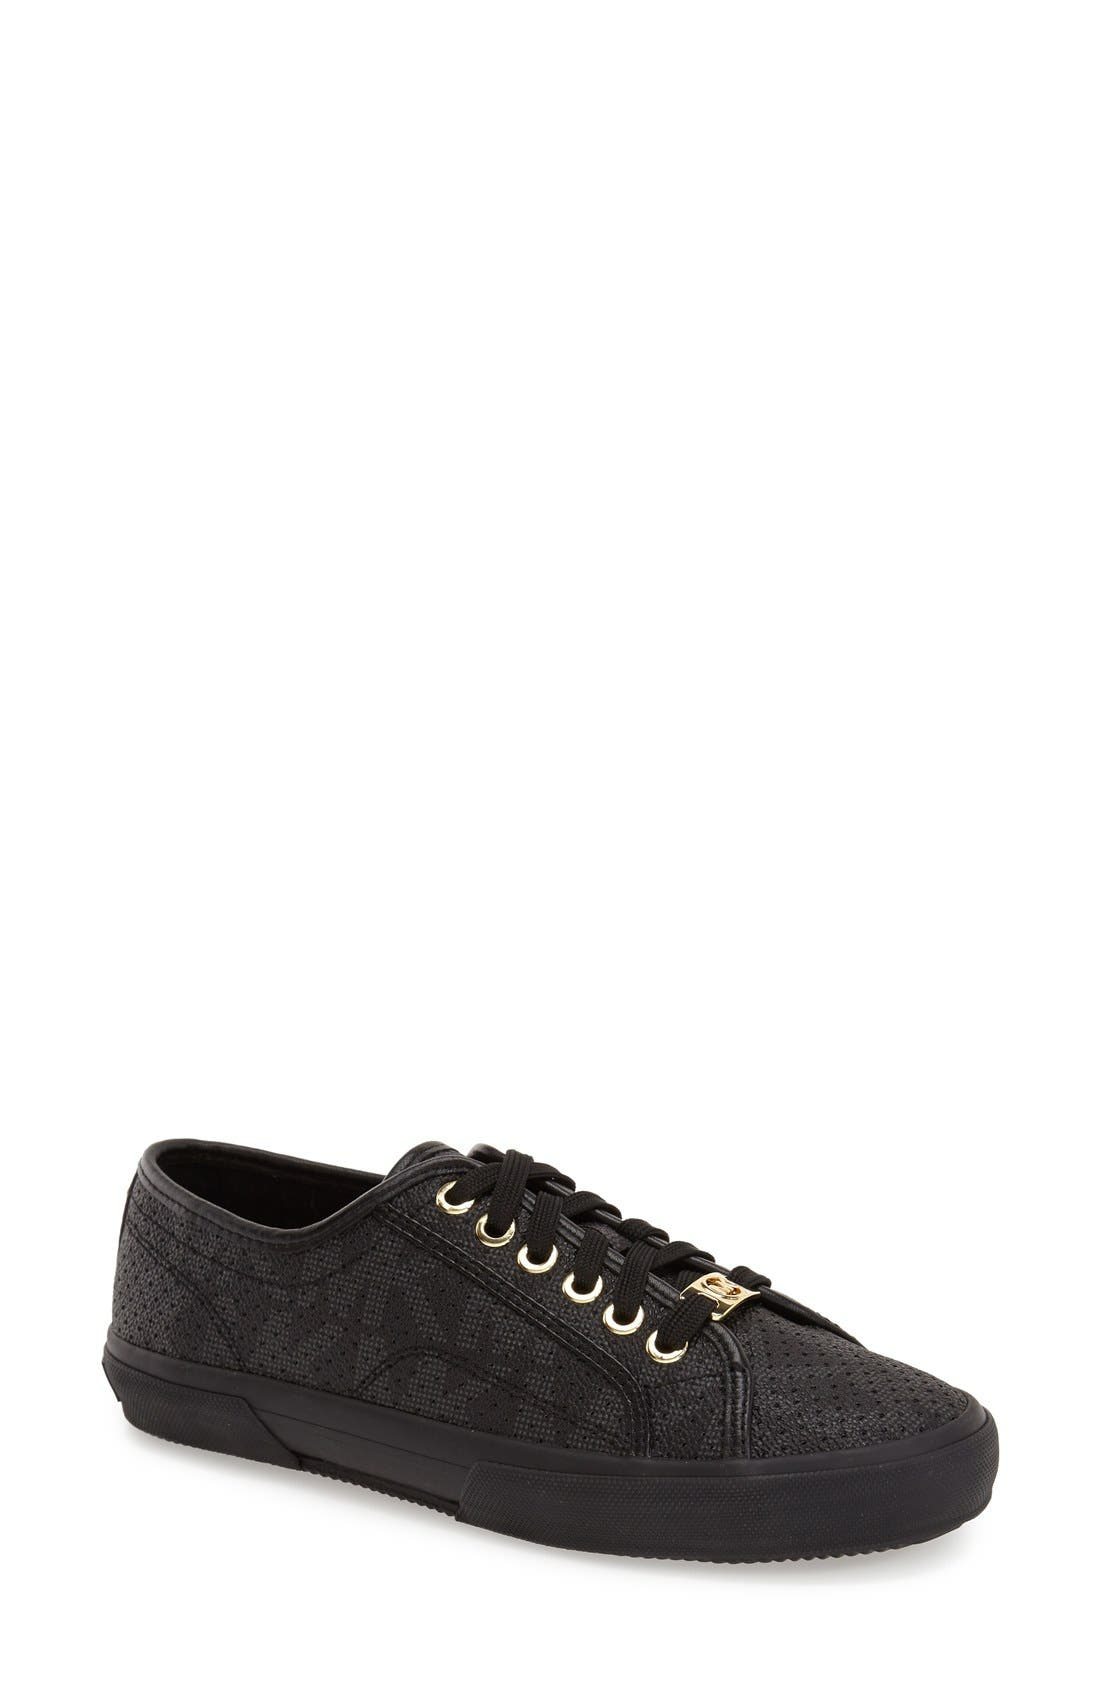 MICHAEL MICHAEL KORS 'Boerum' Sneaker, Main, color, 001